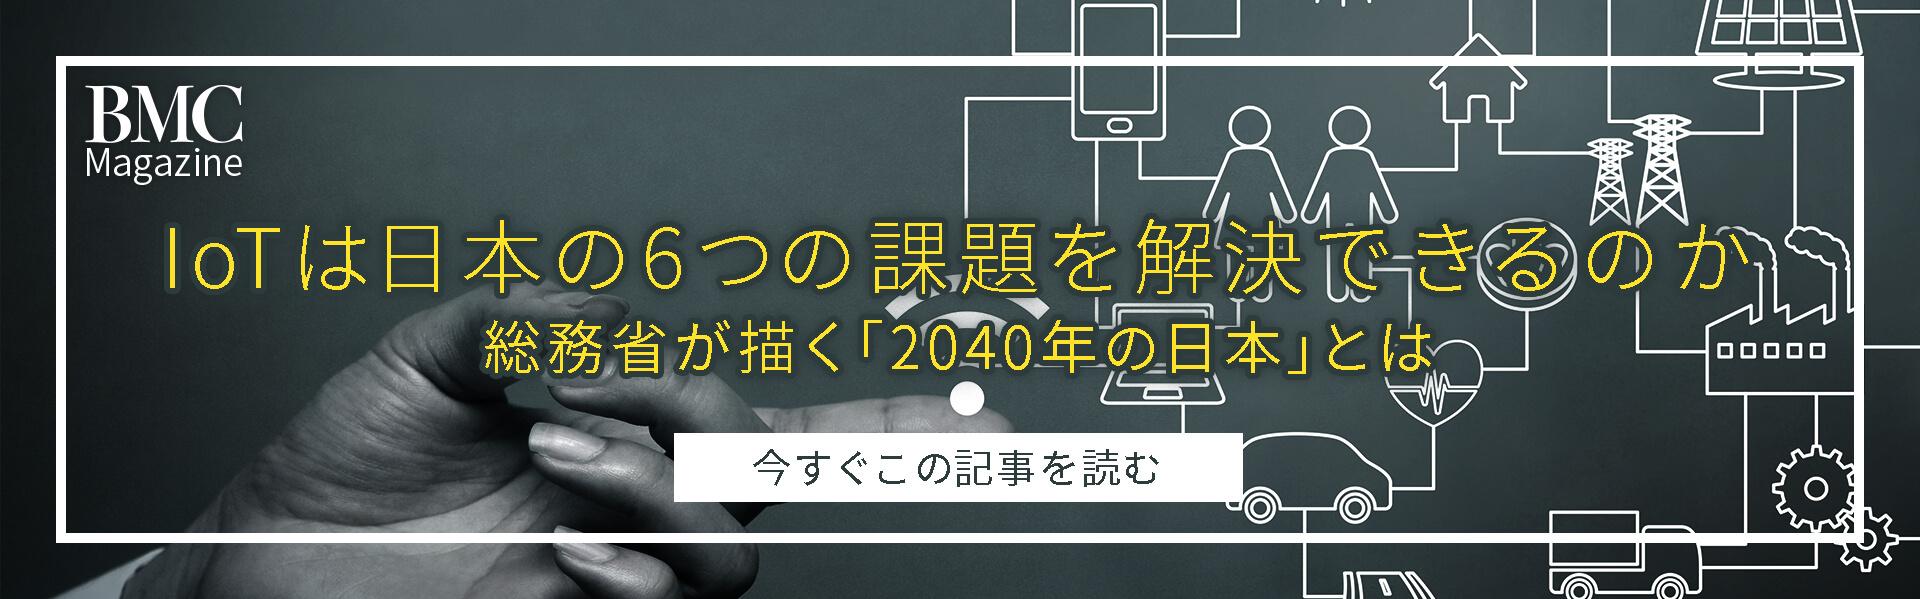 IoTは日本の6つの課題を解決できるのか